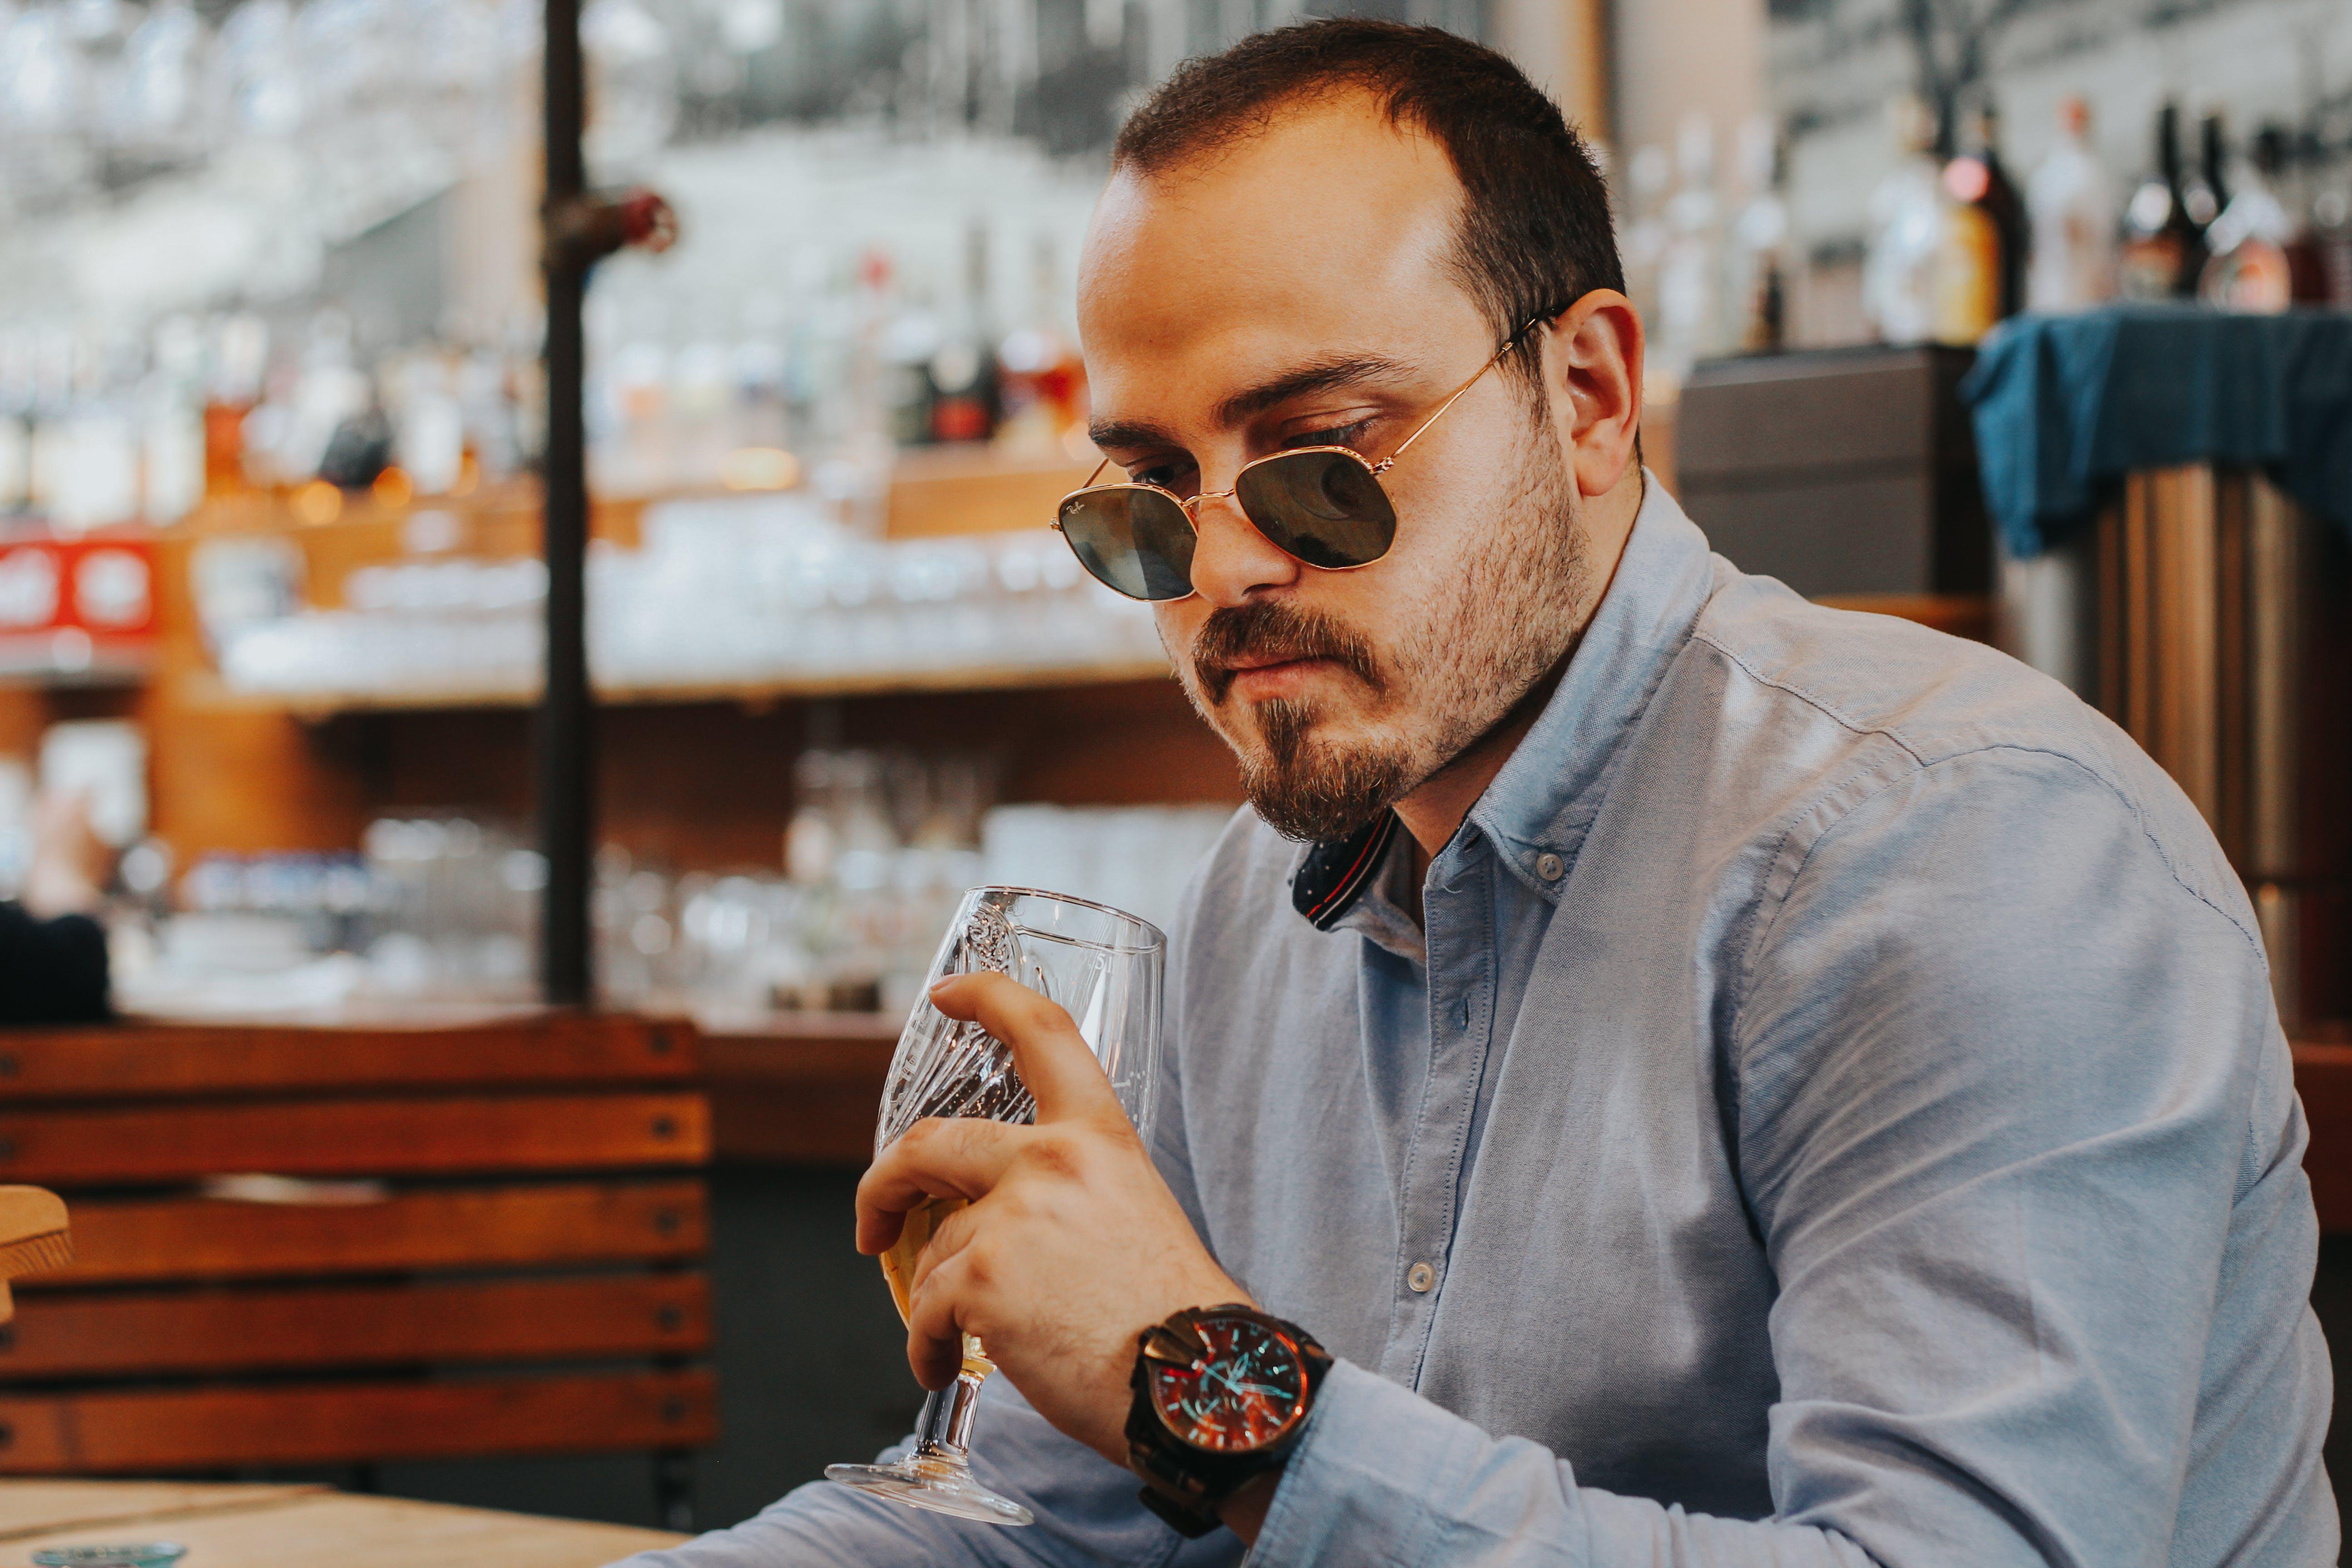 Man Wearing Dress Shirt While Drinking